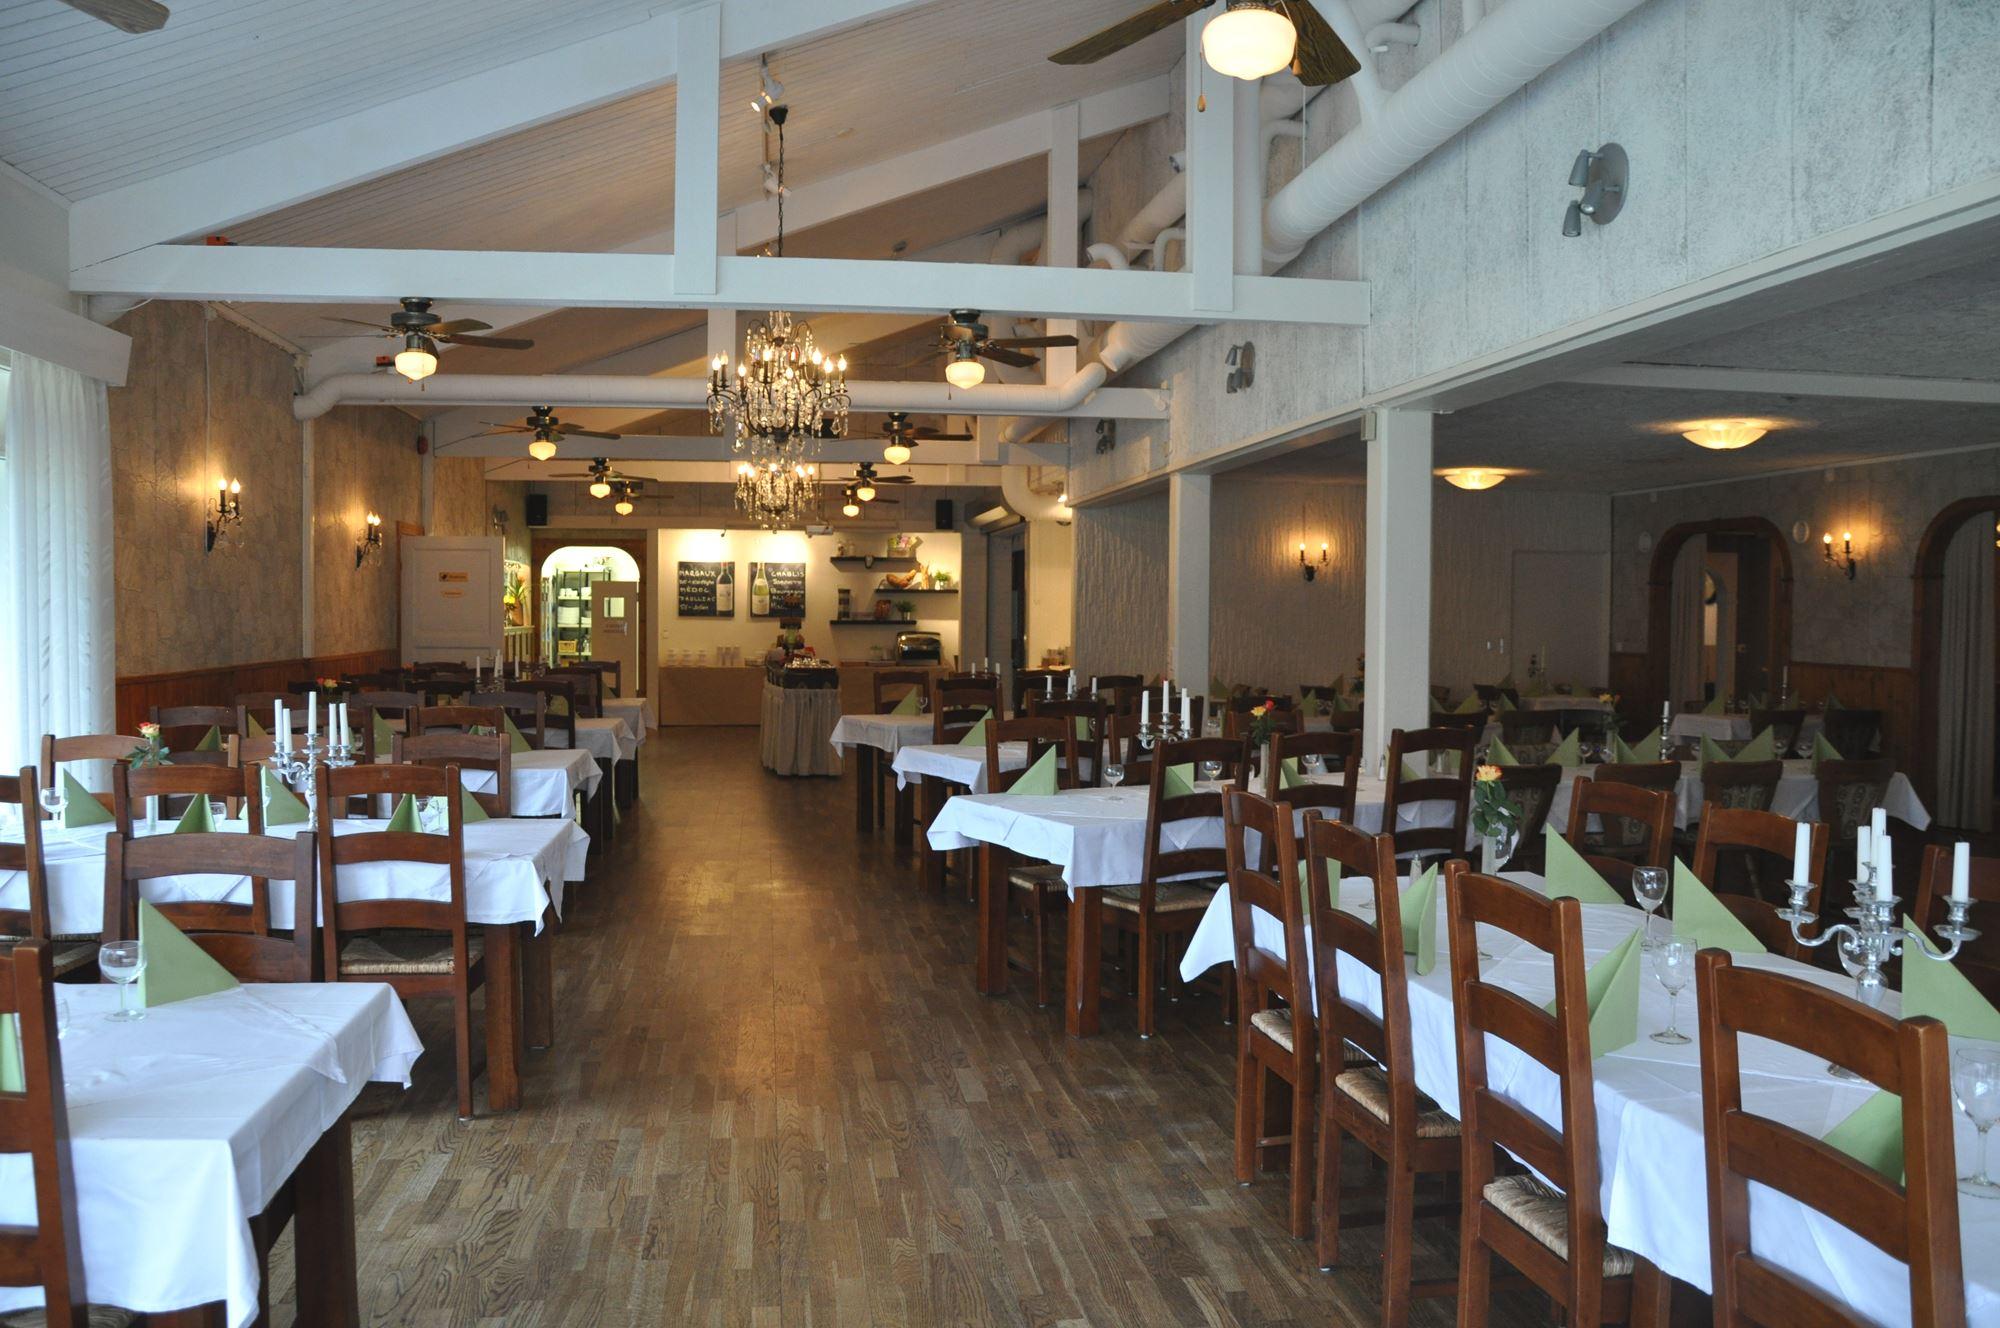 Hotel Fritzatorpet restaurang